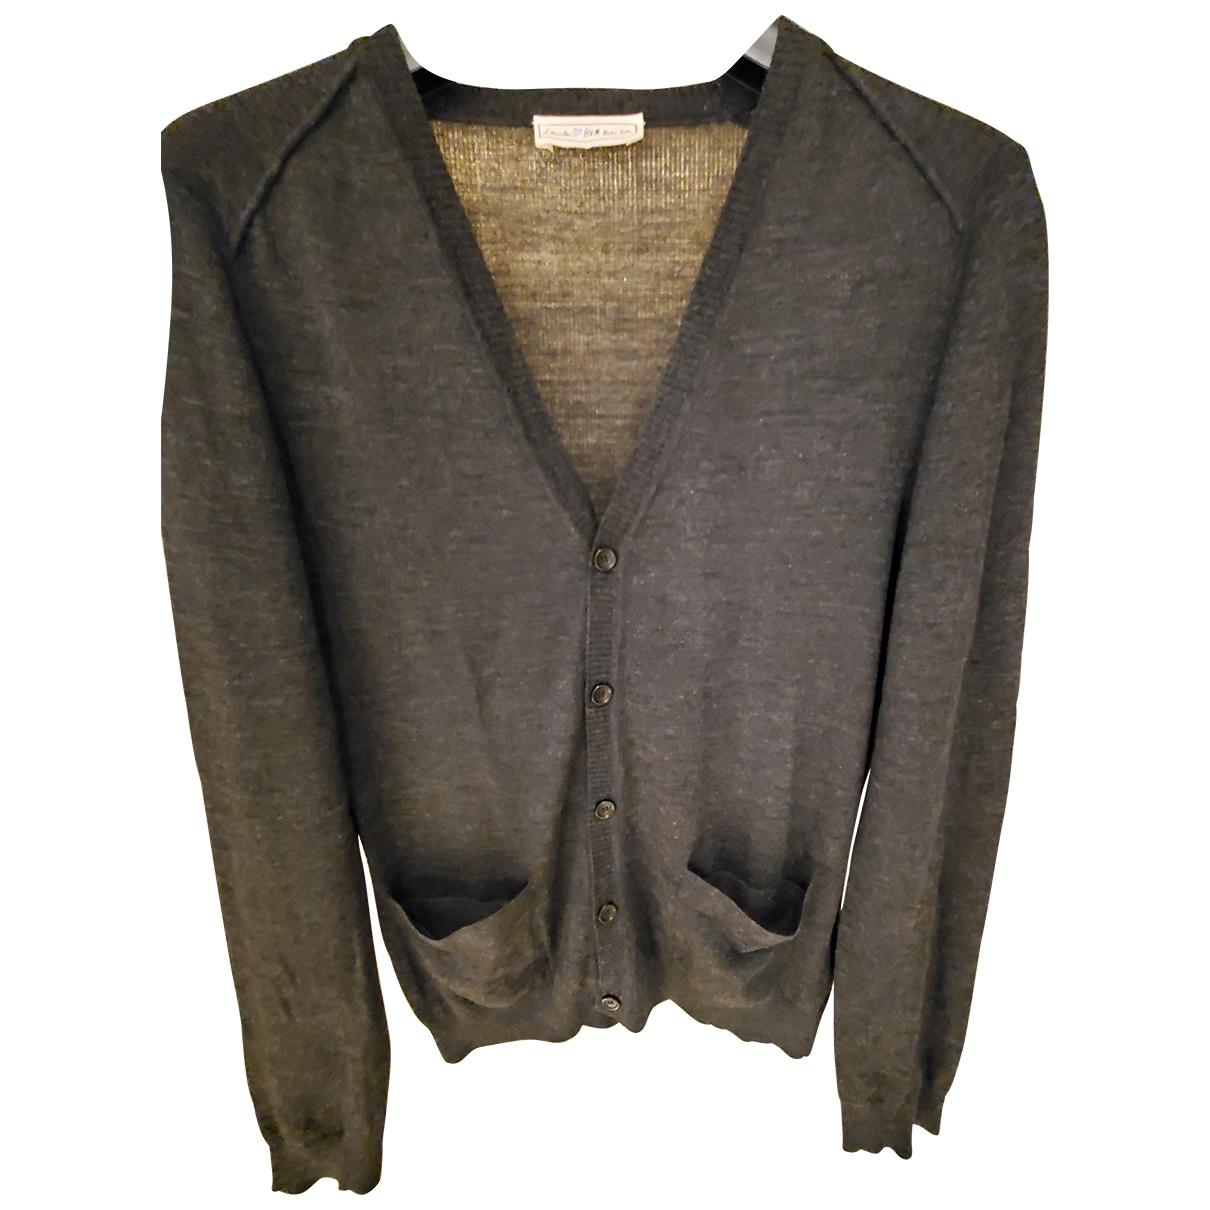 Lanvin For H&m \N Grey Wool Knitwear & Sweatshirts for Men S International